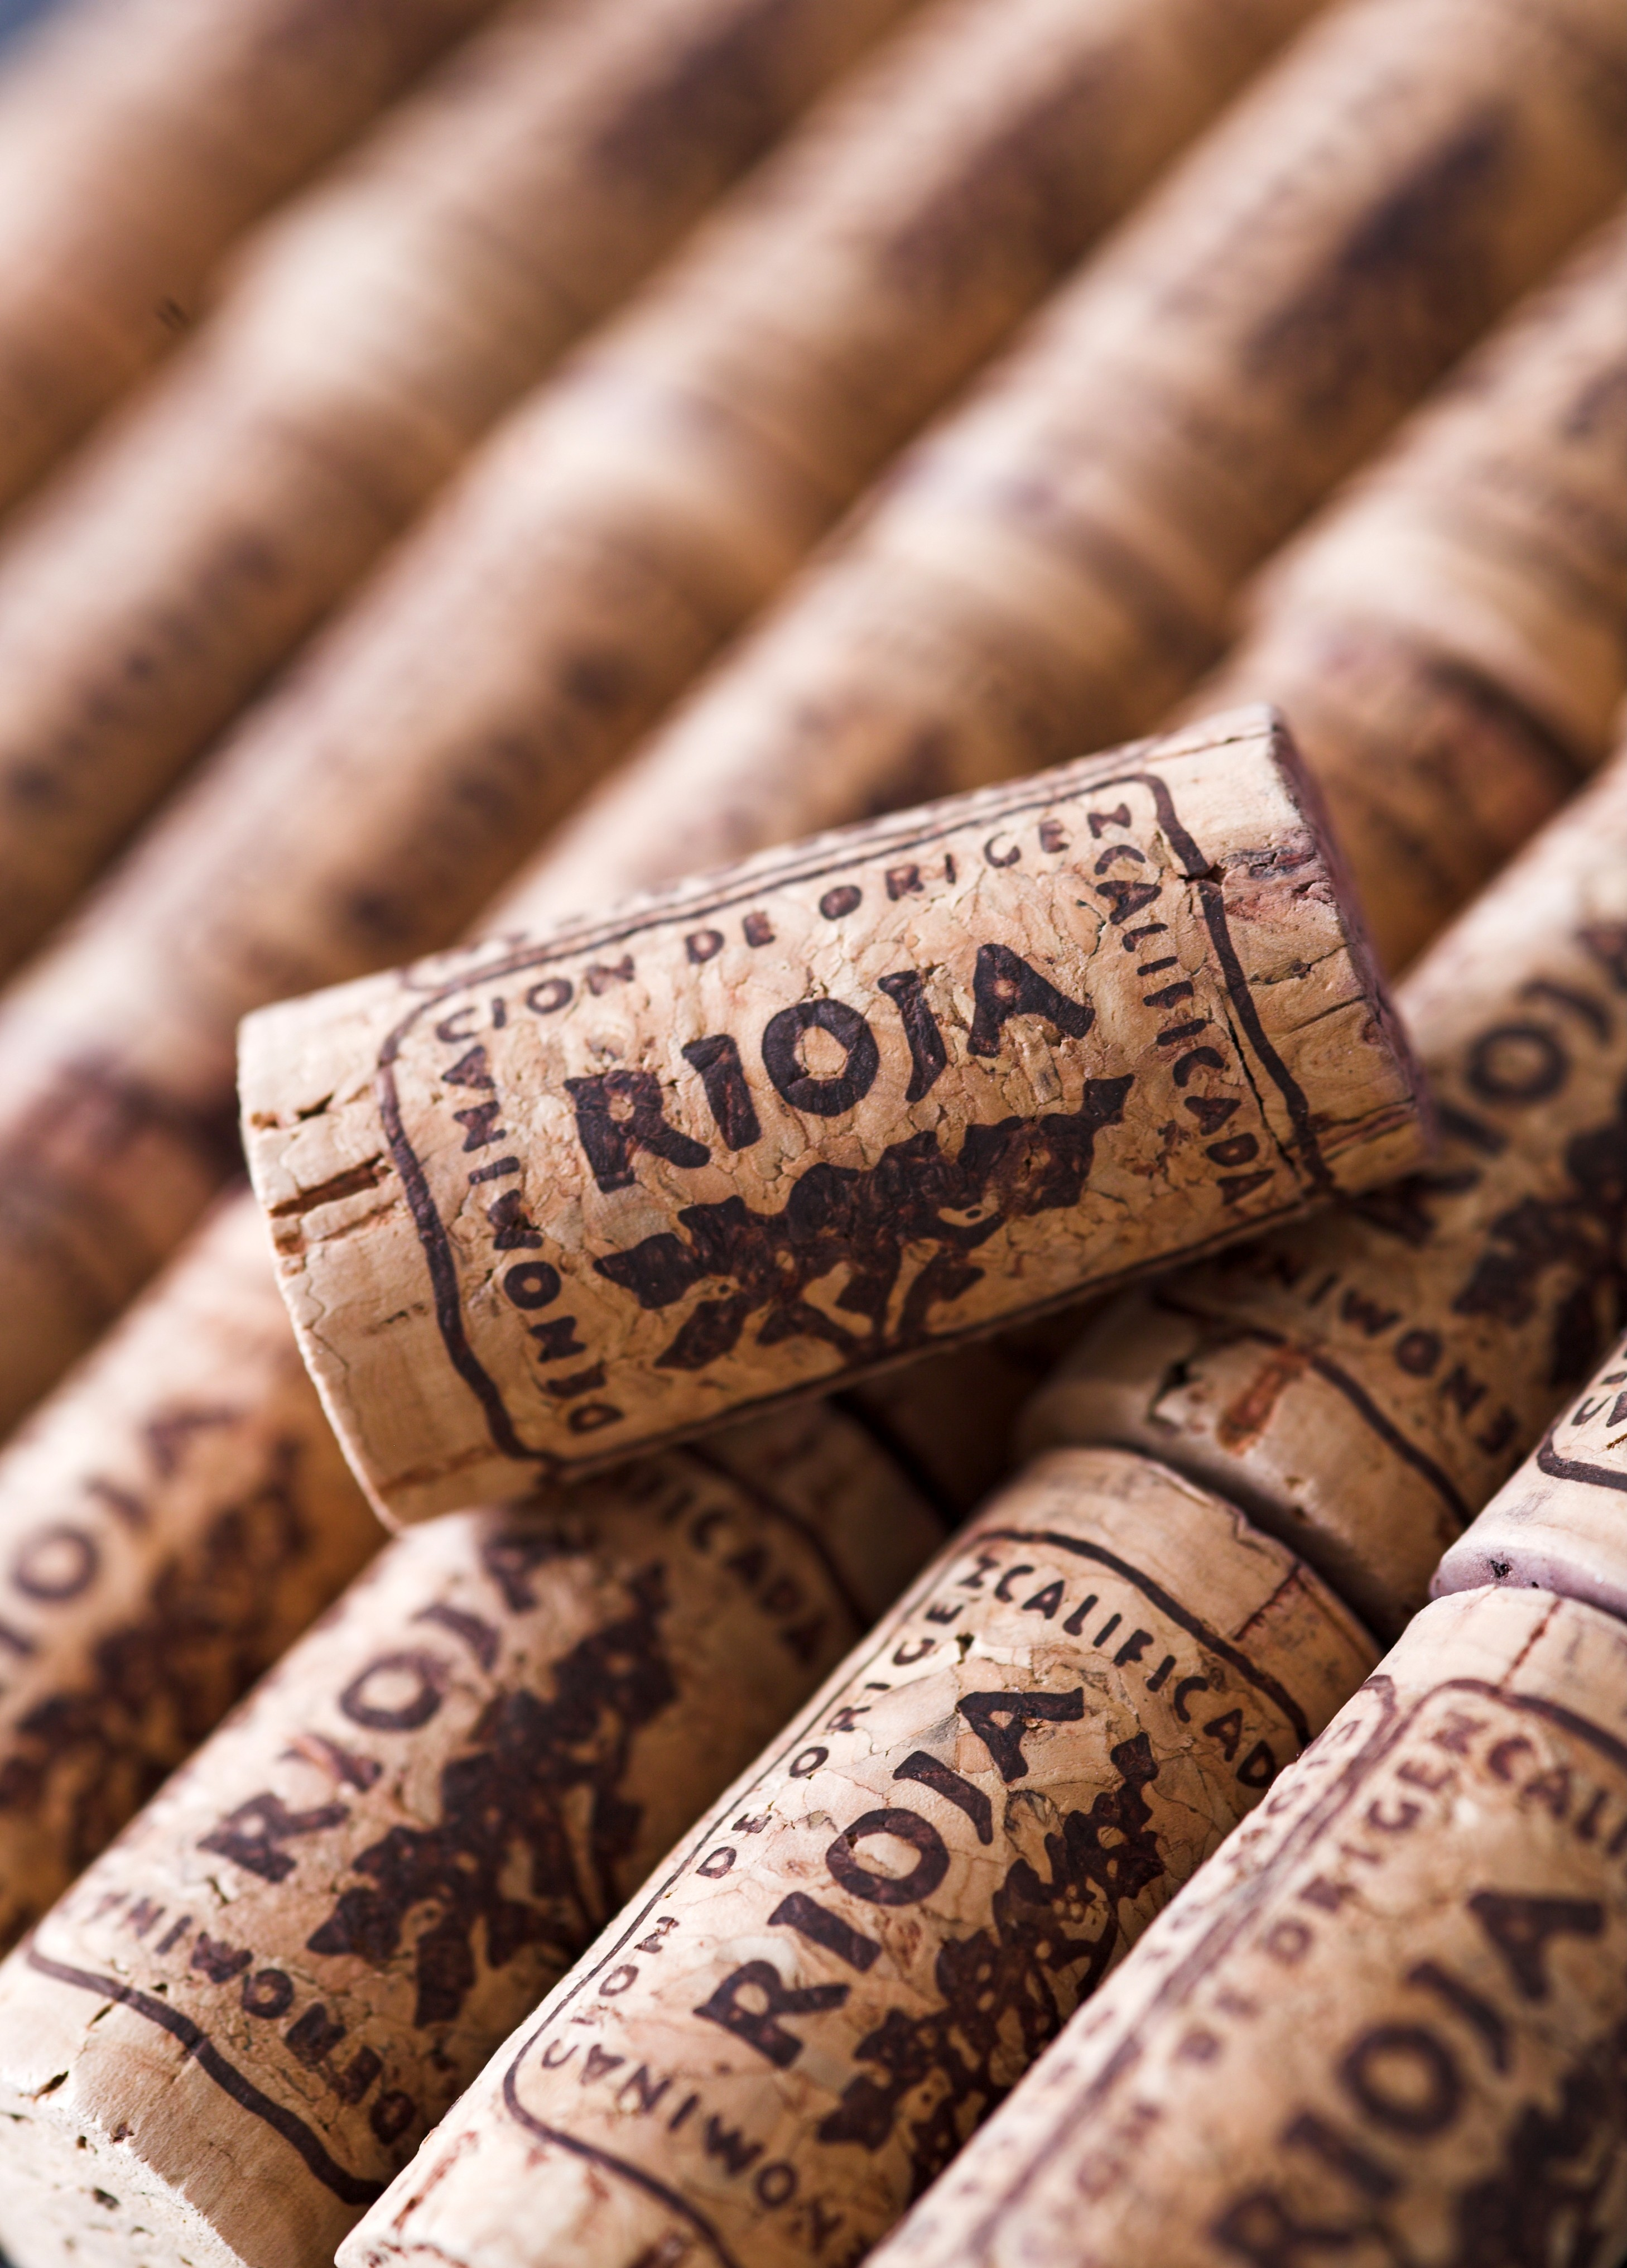 Embotellar el vino: Nuevos tiempos, nuevos conceptos y nuevos formatos.